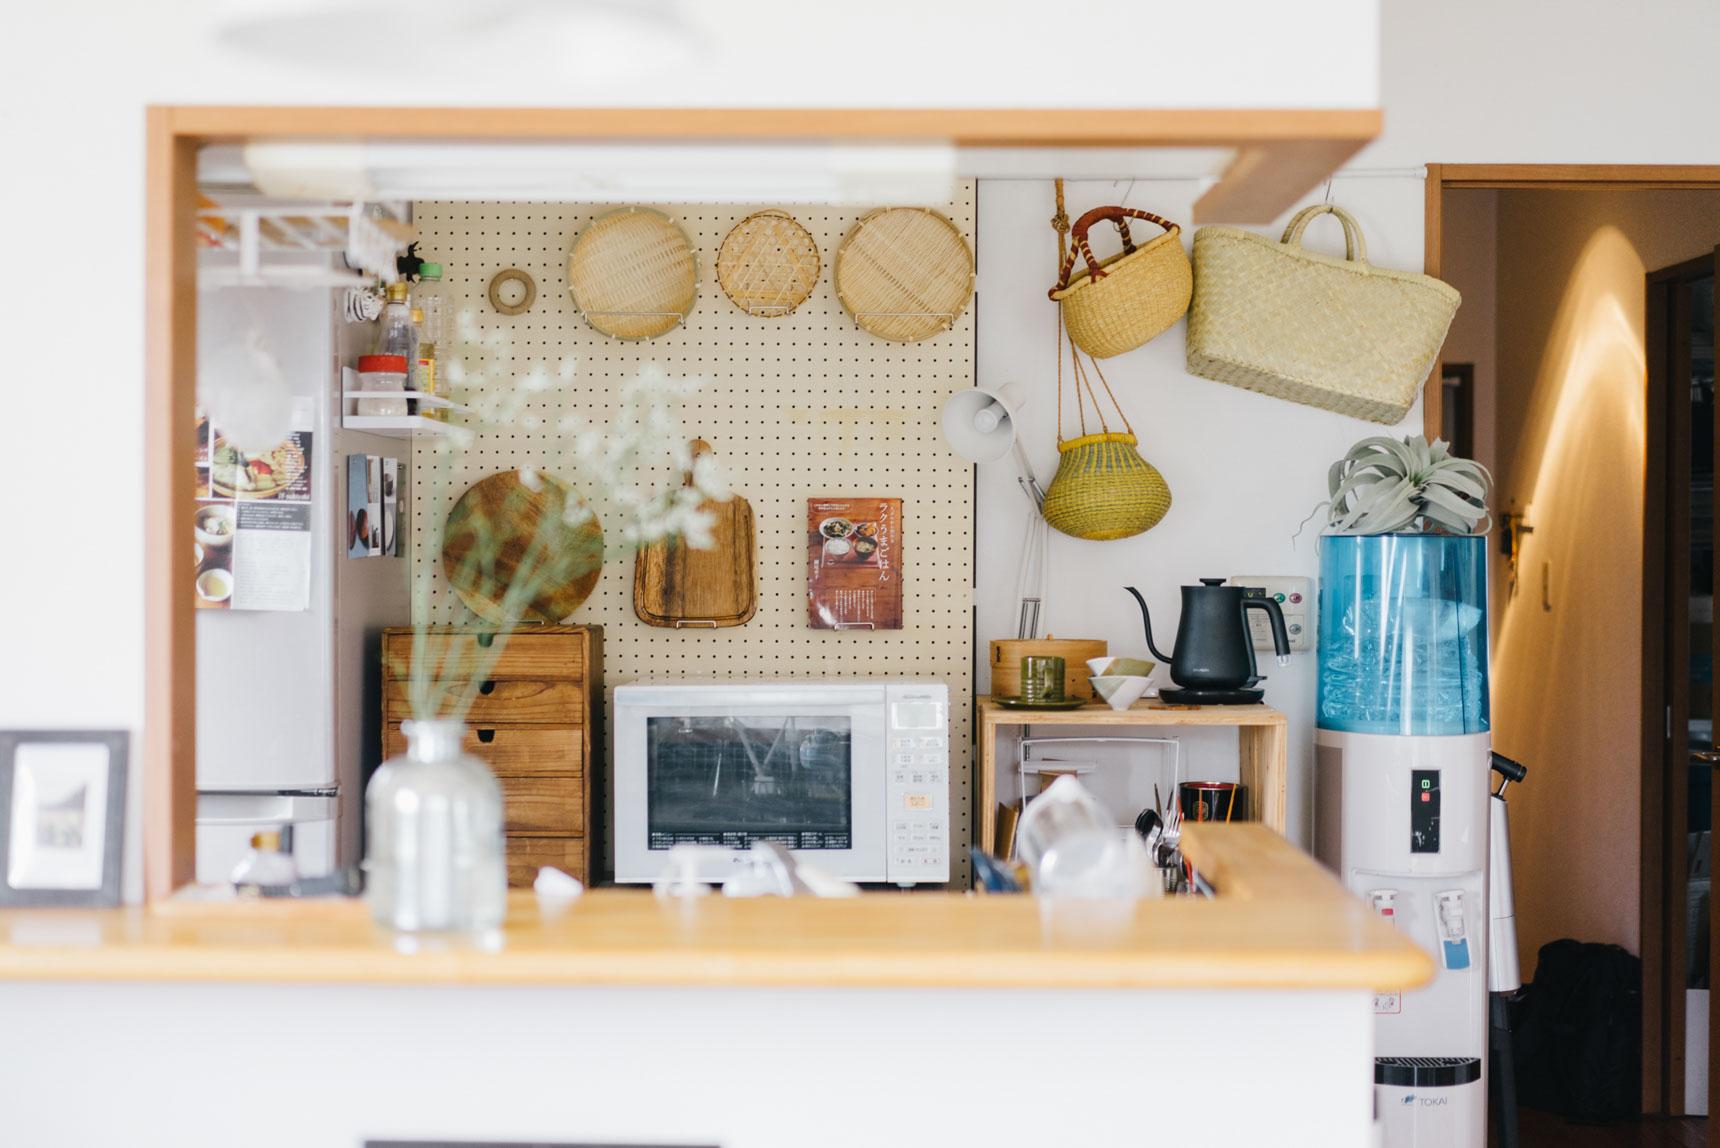 こちらはキッチンツールの中でも特にお気に入りのアイテムを有孔ボードにまとめたお部屋(このお部屋はこちら)